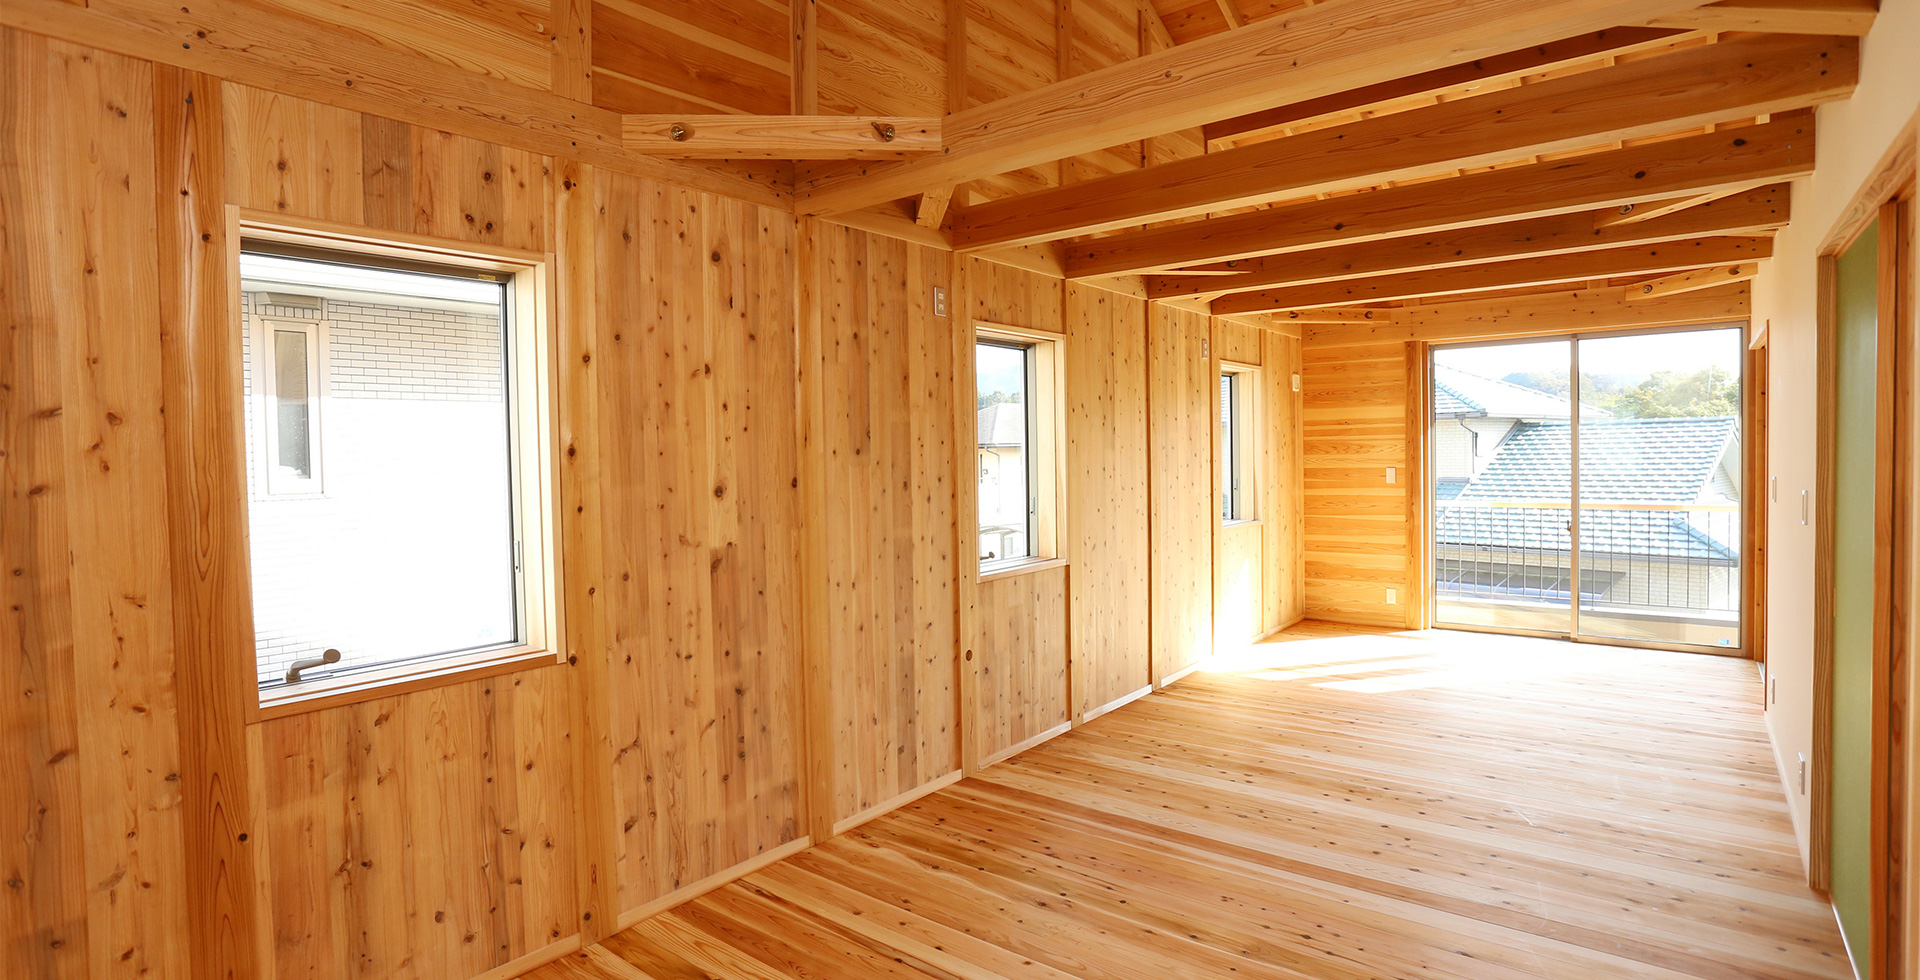 Biesse per l'housing: 图片 2